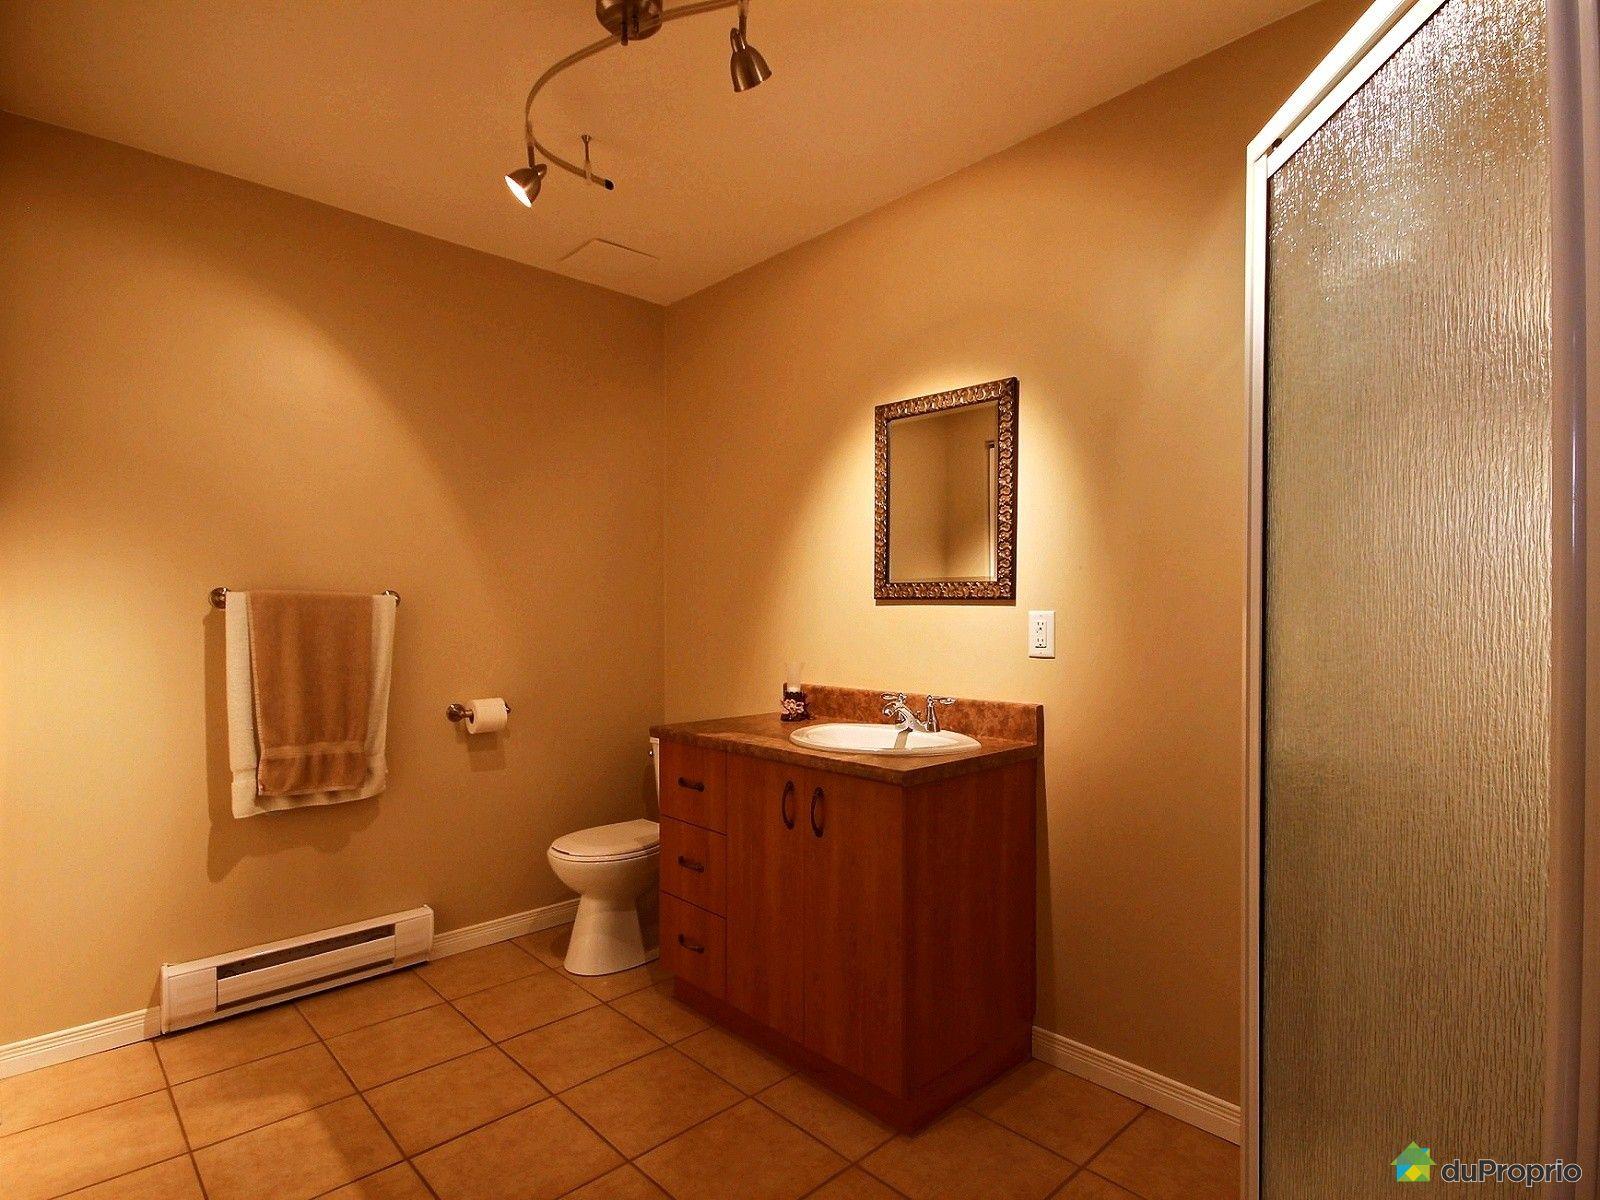 Maison vendre laterri re 1197 rue du boulevard for Prix salle de bain sous sol